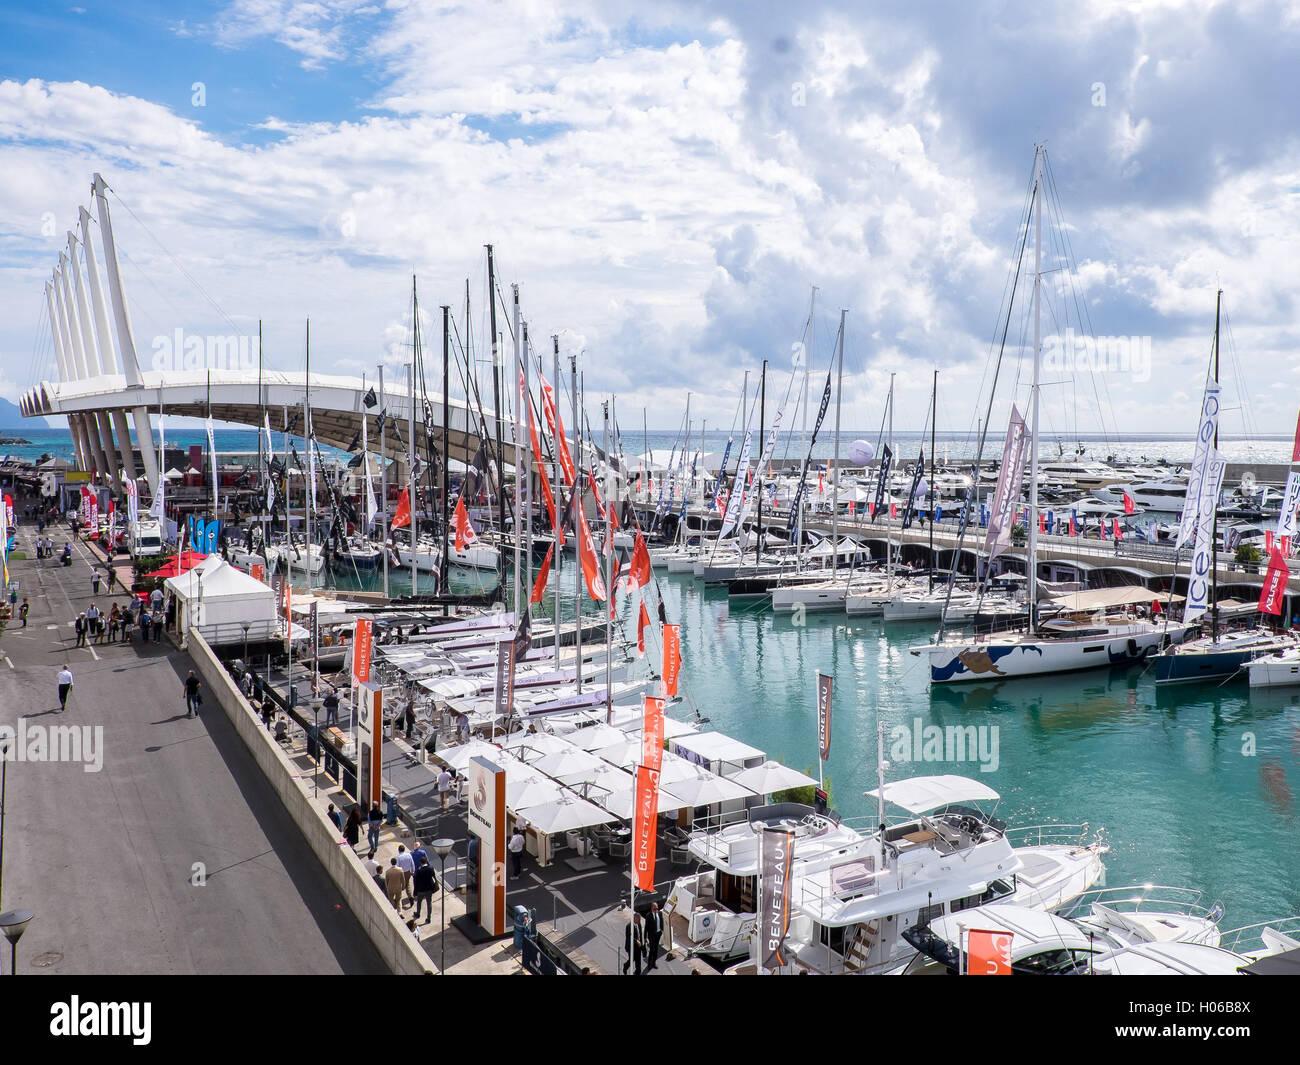 Génova, Italia. El 20 de septiembre, 2016. Una vista general del exterior Boat Show de Génova es visto Imagen De Stock